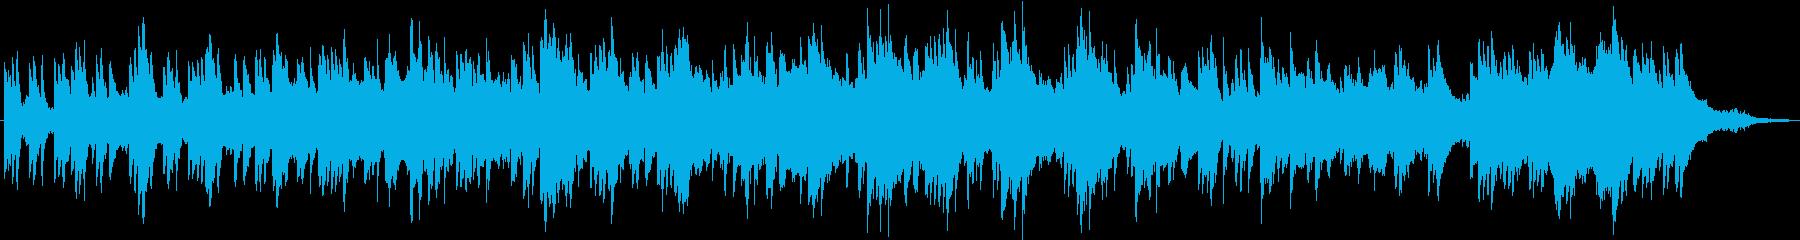 ピアノとシンバルのスクレープが弦と...の再生済みの波形